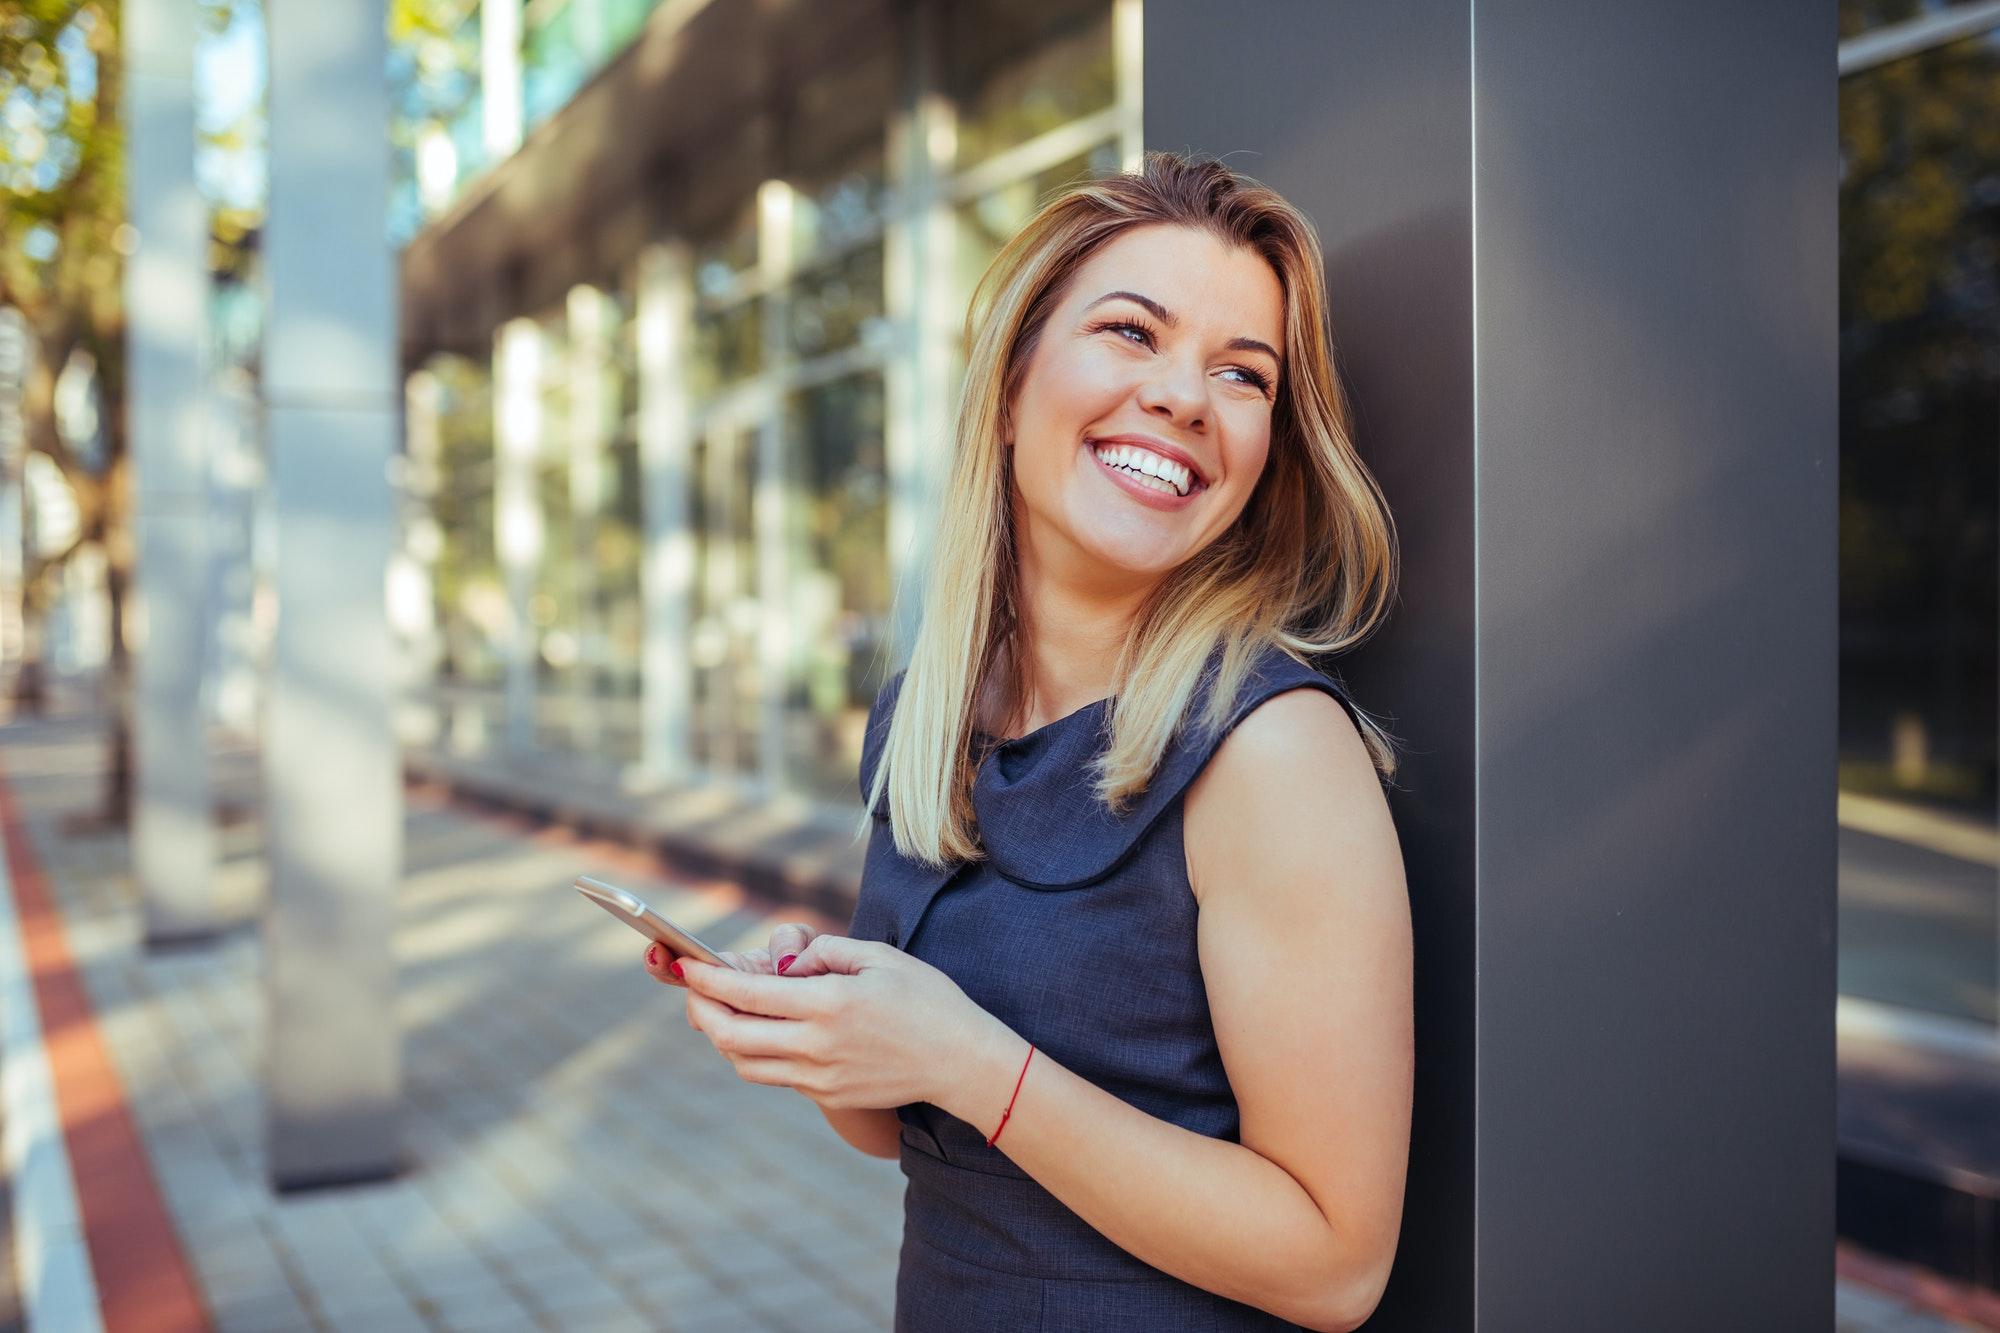 femme souriante tiens son téléphone dans ses mains